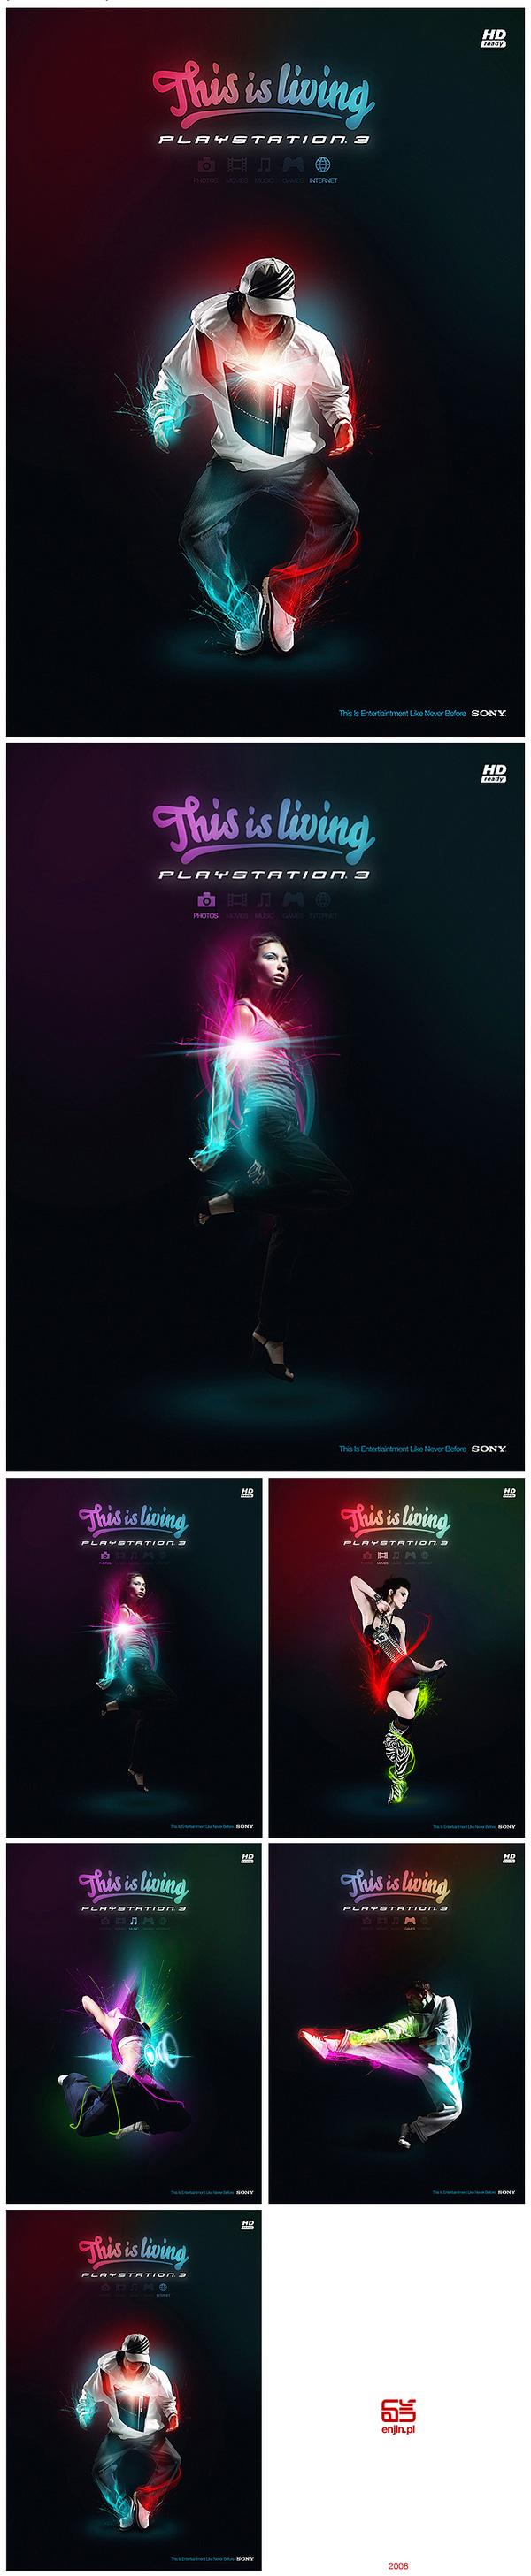 40 Brilliantly Photoshopped Print Ads